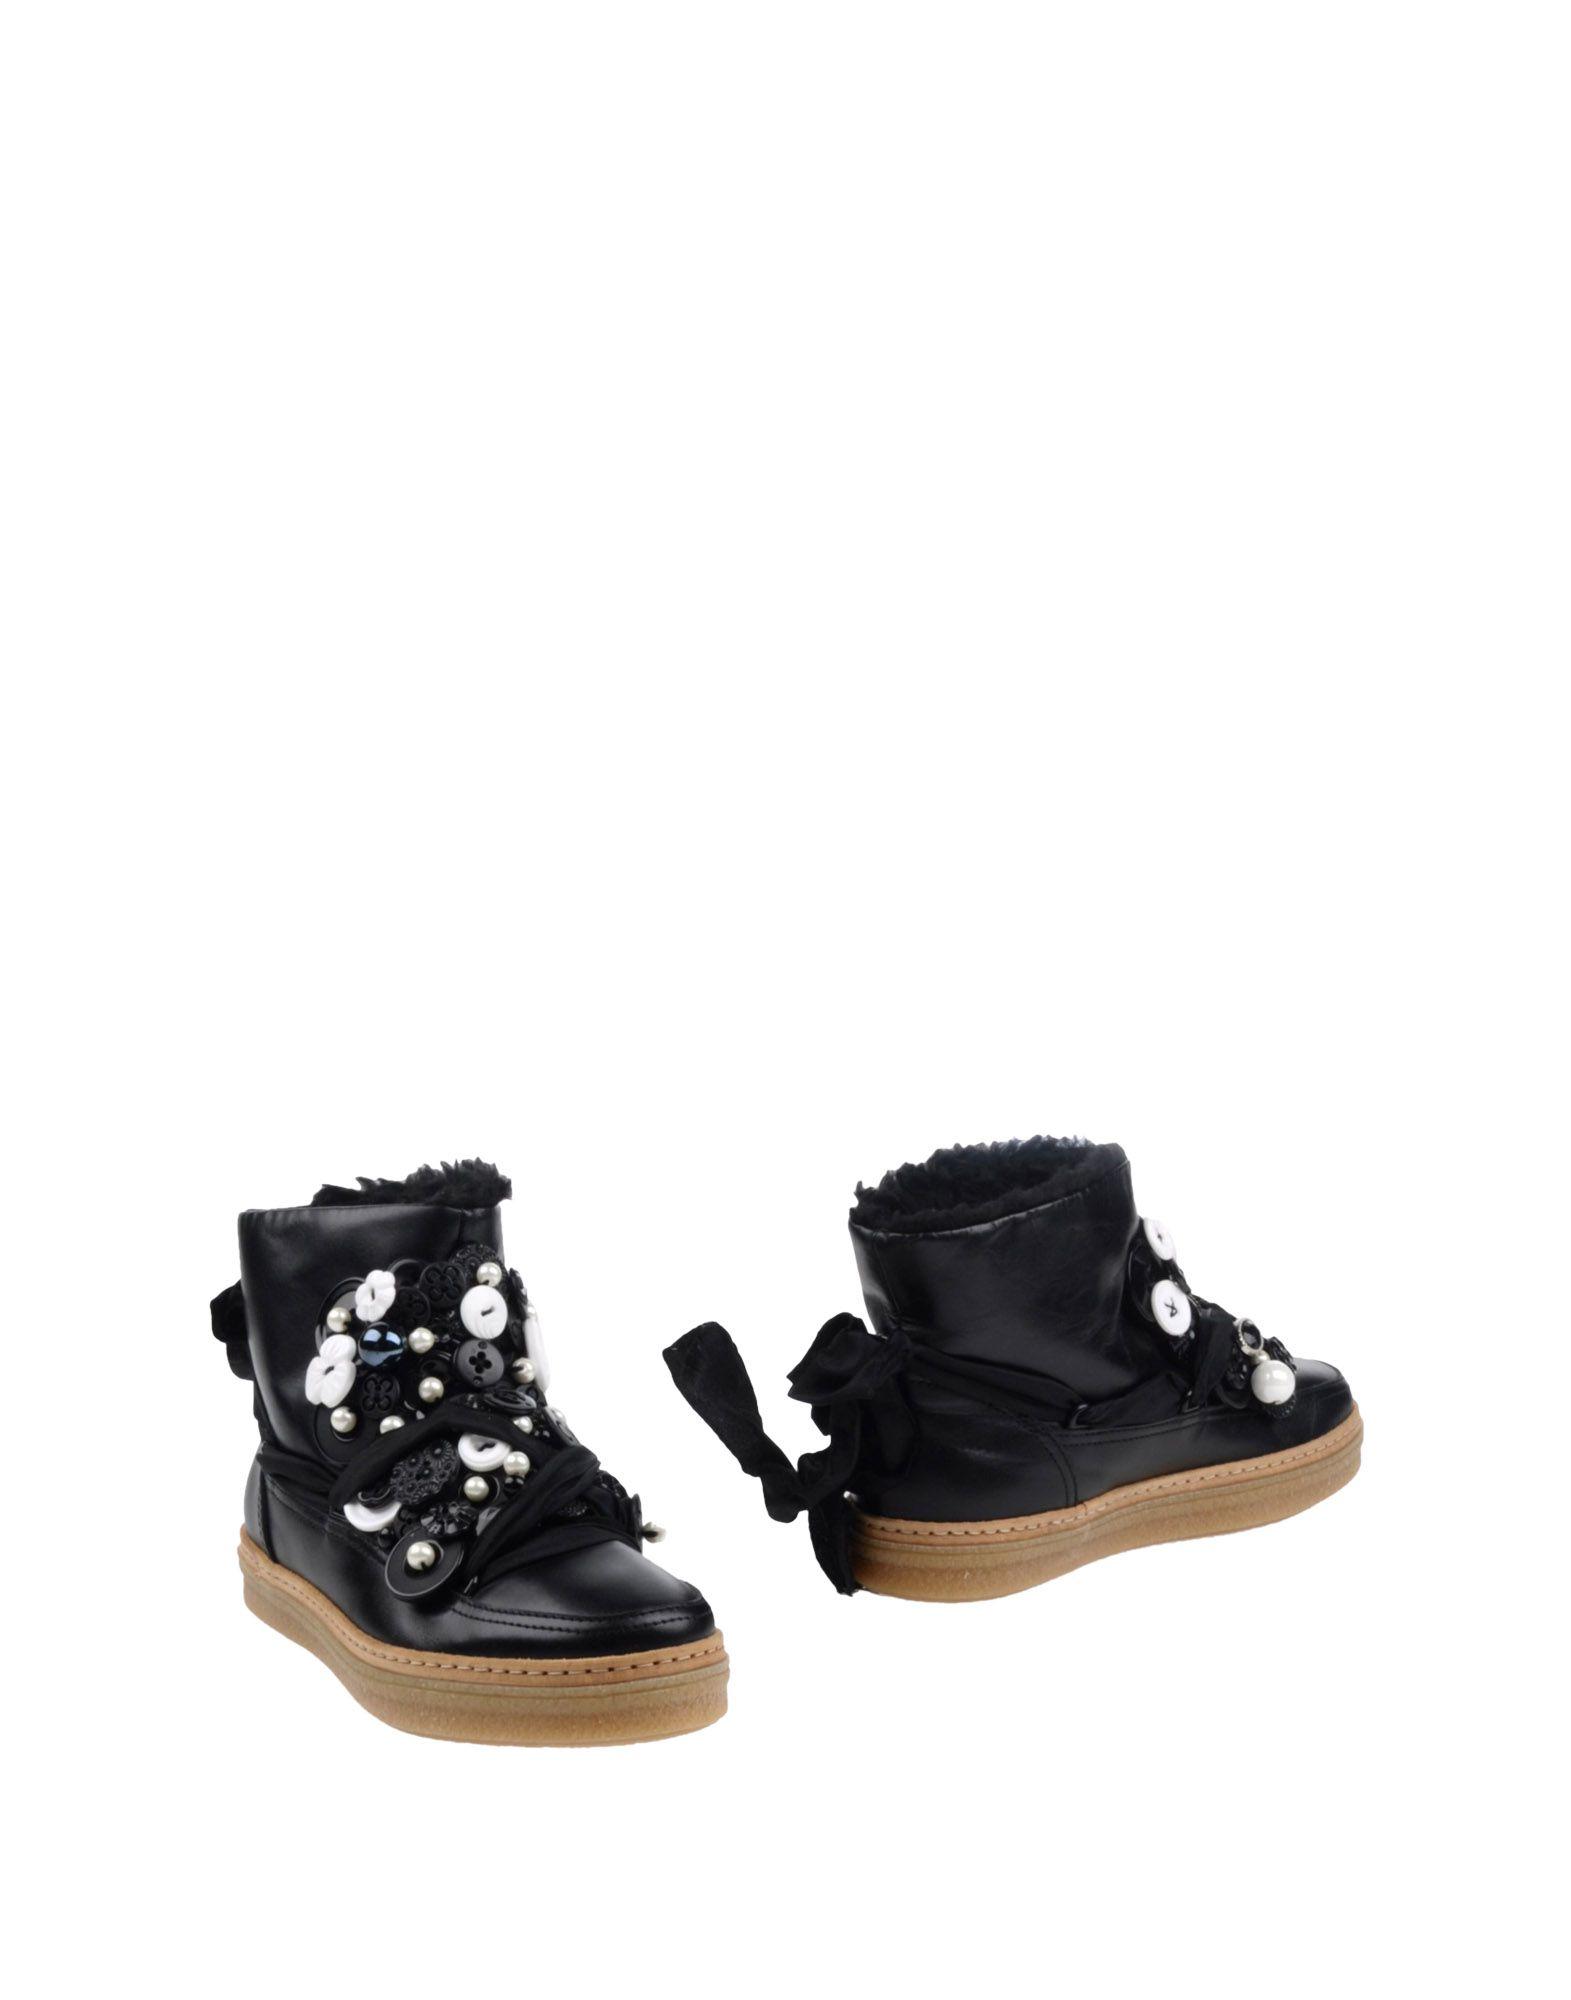 Pokemaoke Stiefelette strapazierfähige Damen  11241384GLGut aussehende strapazierfähige Stiefelette Schuhe 2d9e39